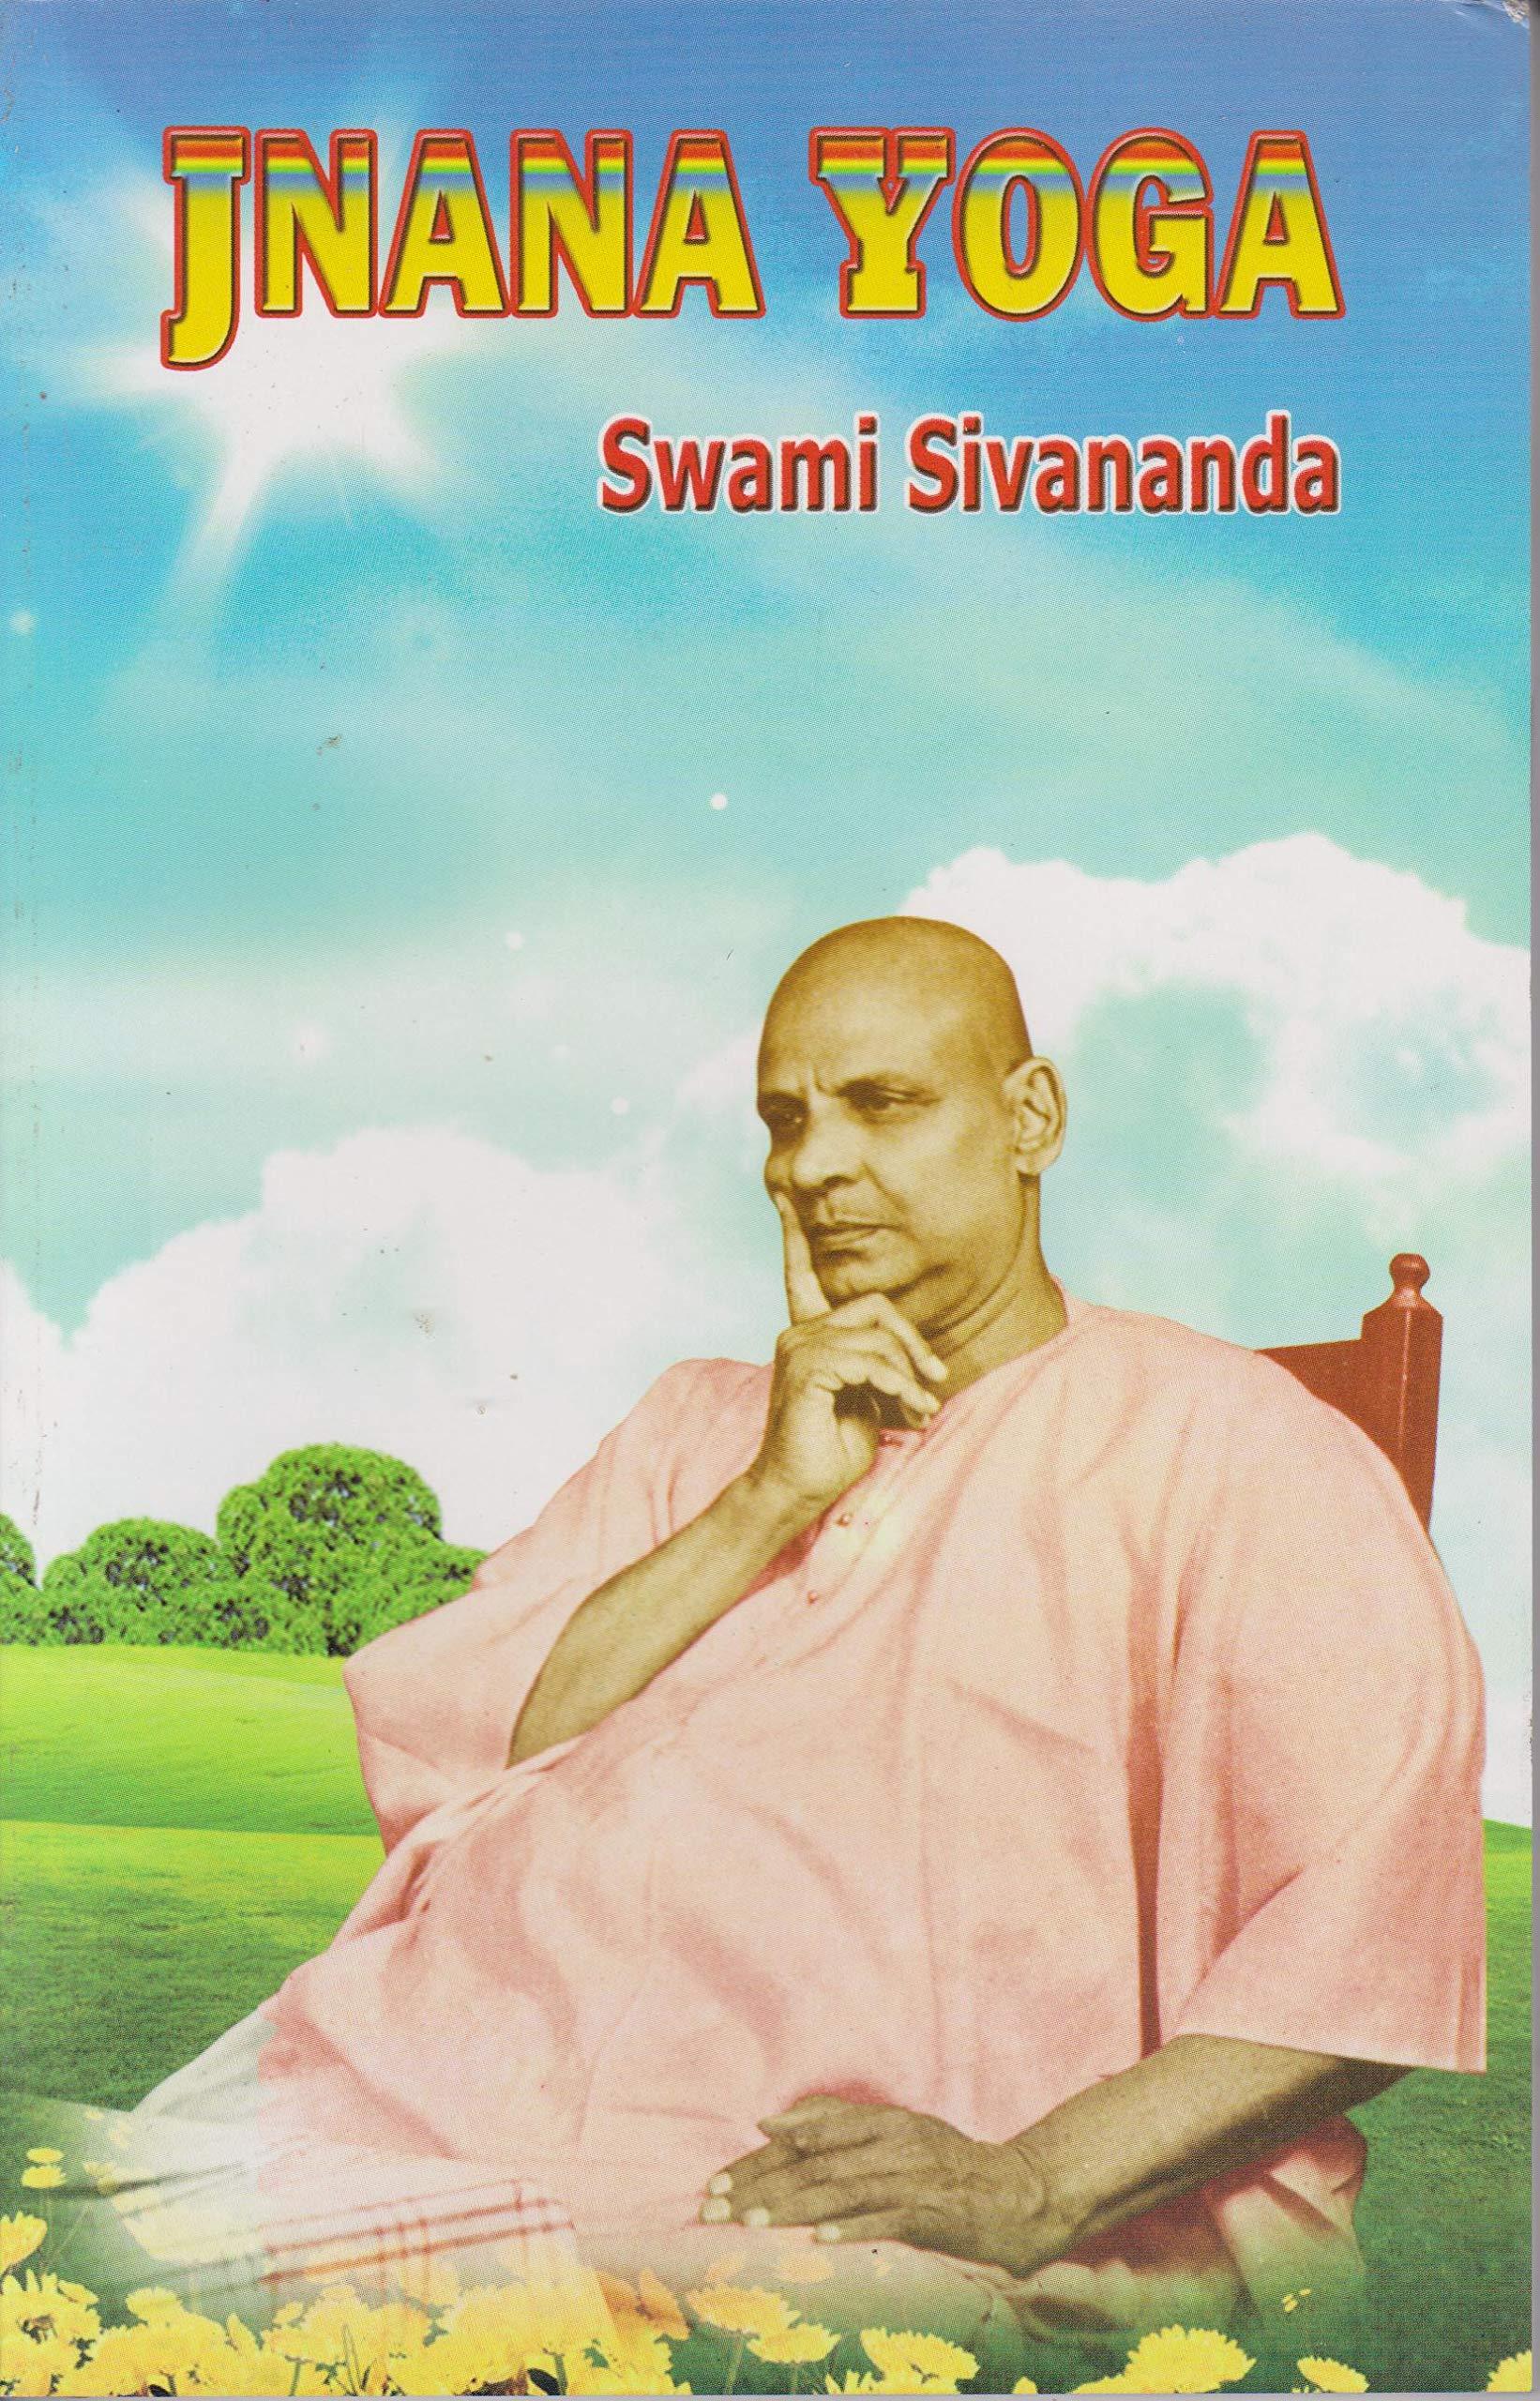 Jnana Yoga: Swami Sivananda: 9788170520443: Amazon.com: Books